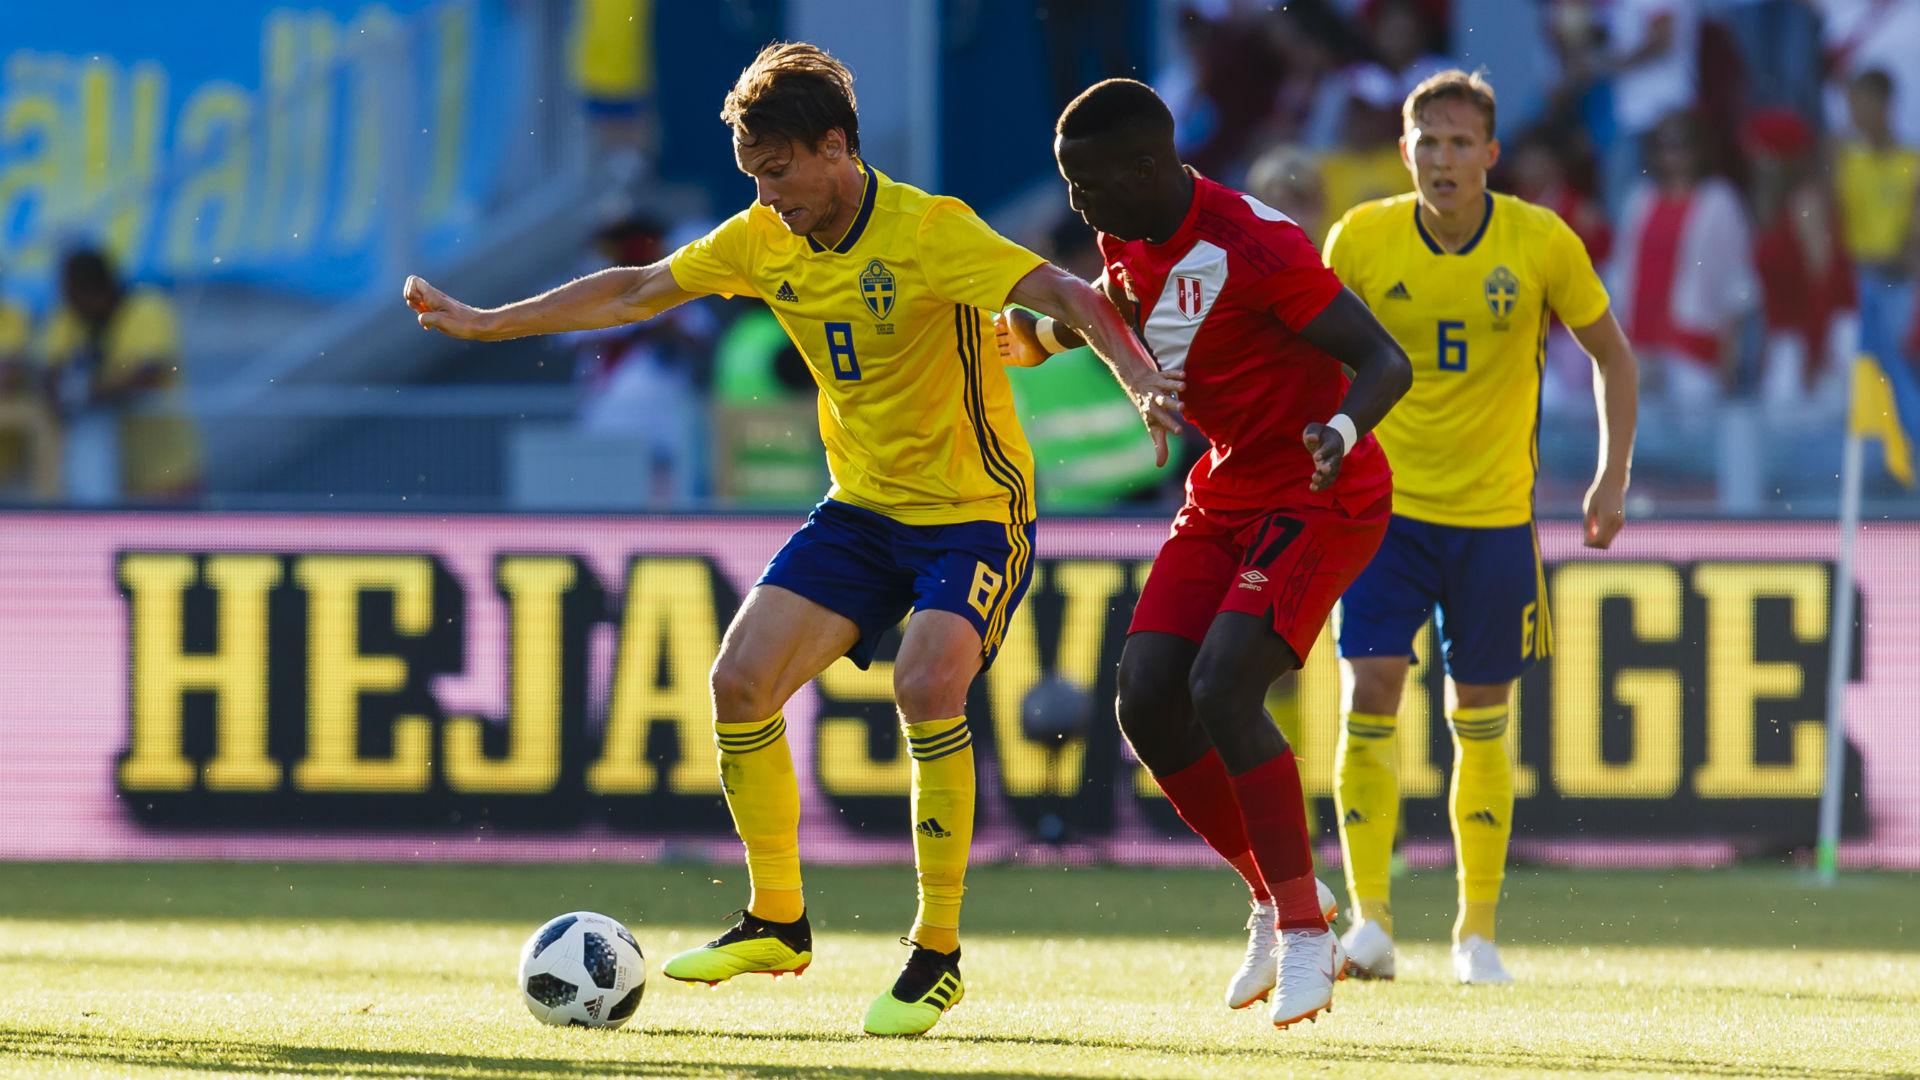 Swedens Albin Ekdal Getty Images